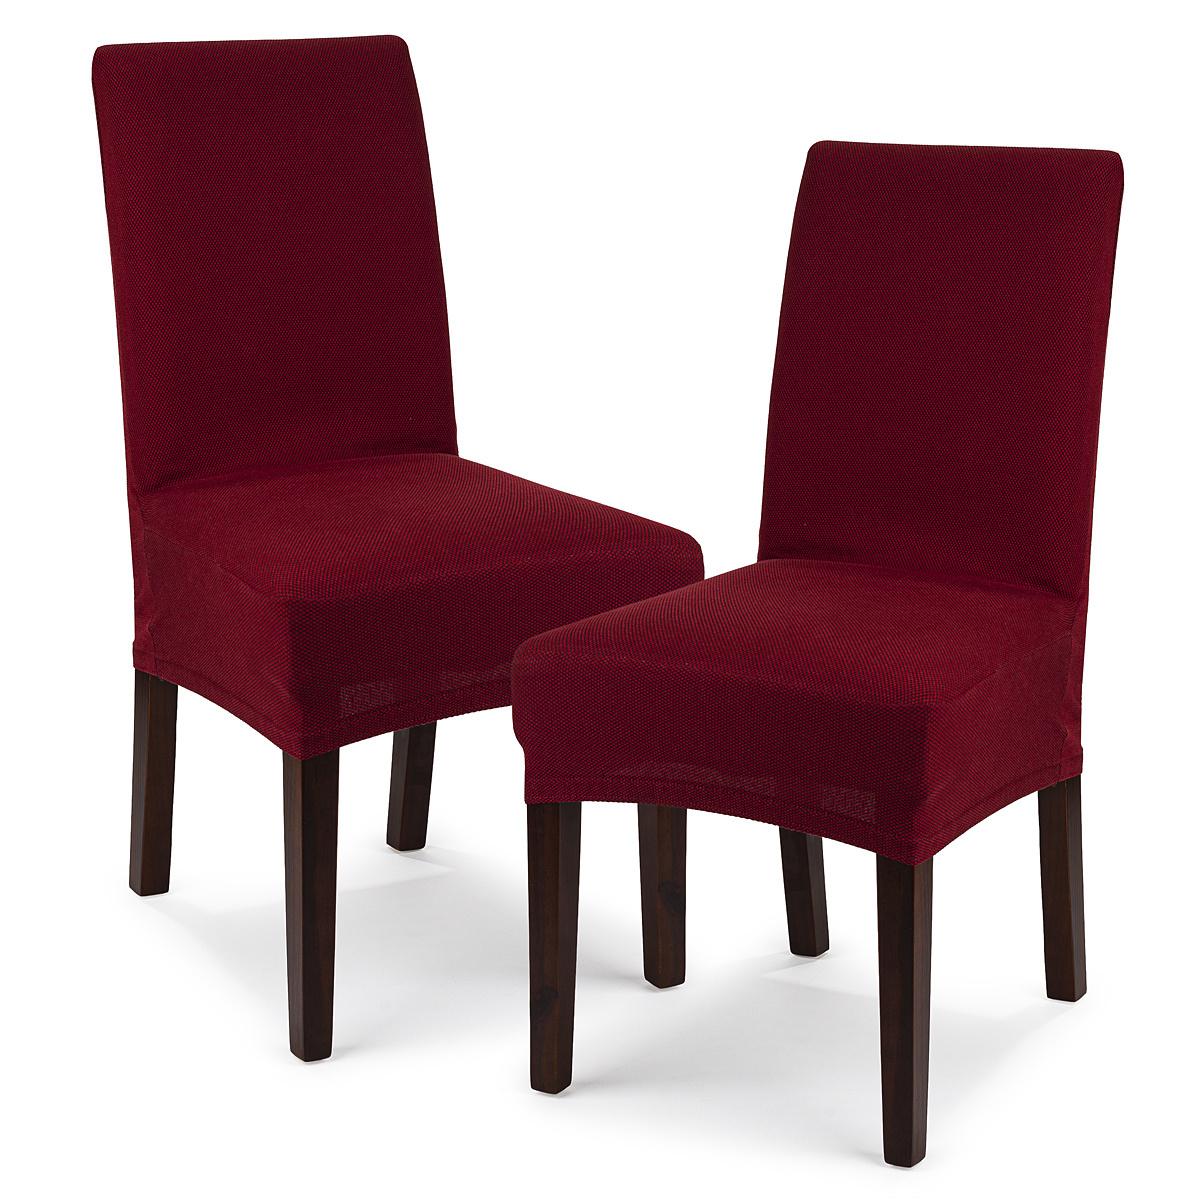 4Home Multielastyczny pokrowiec na krzesło Comfort, bordo, 40 - 50 cm, zestaw 2 szt.